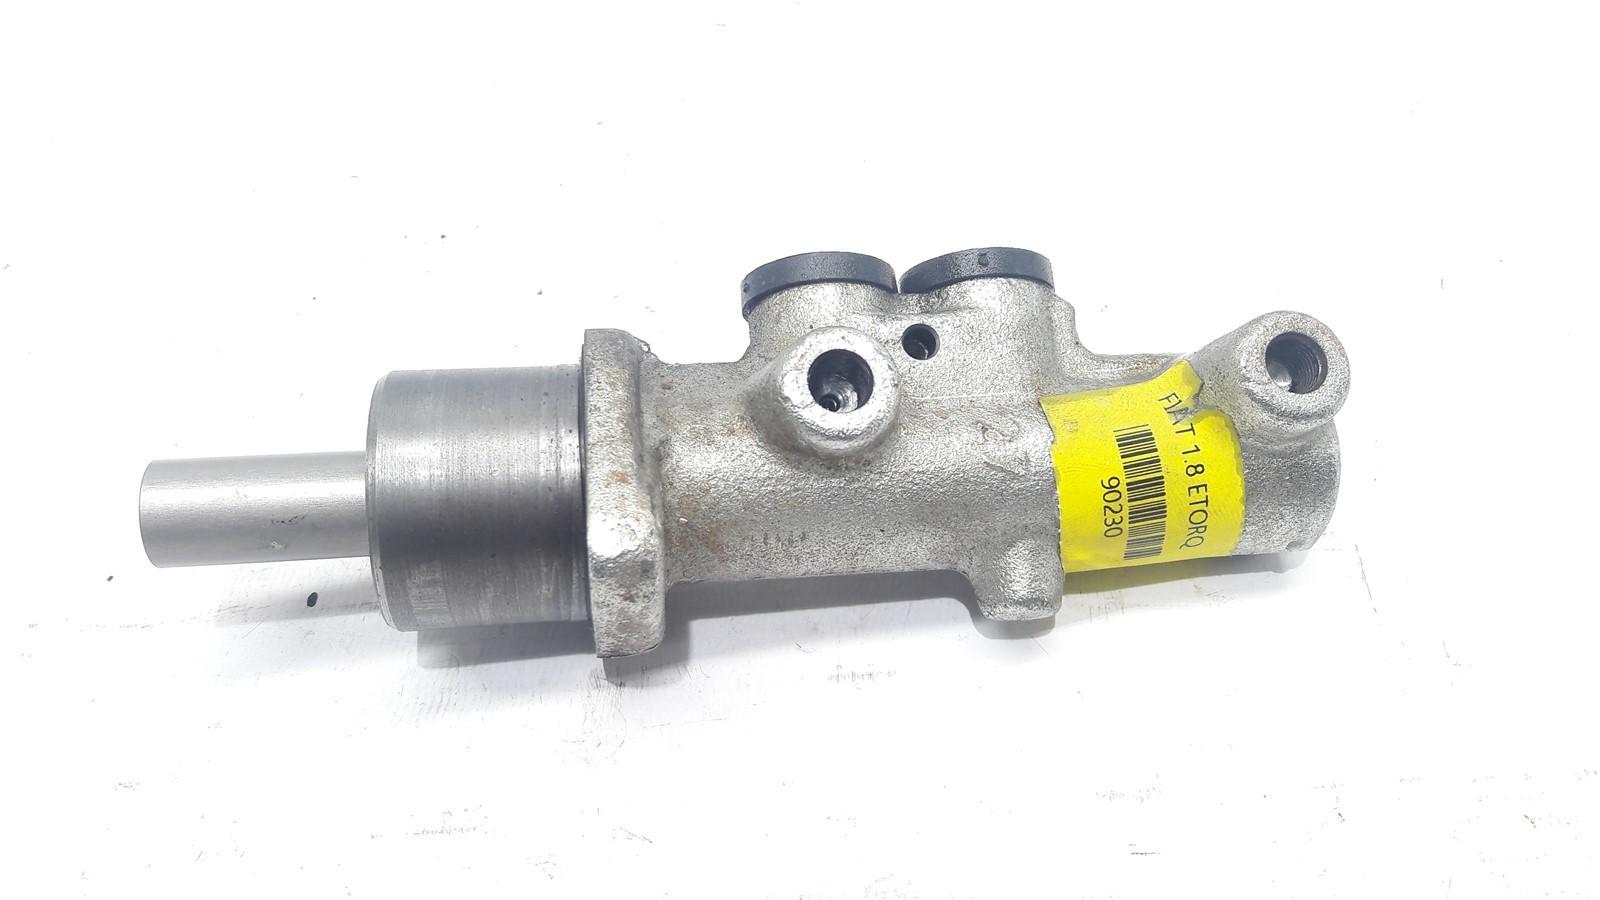 Cilindro mestre freio Linea 1.8 e-torq original